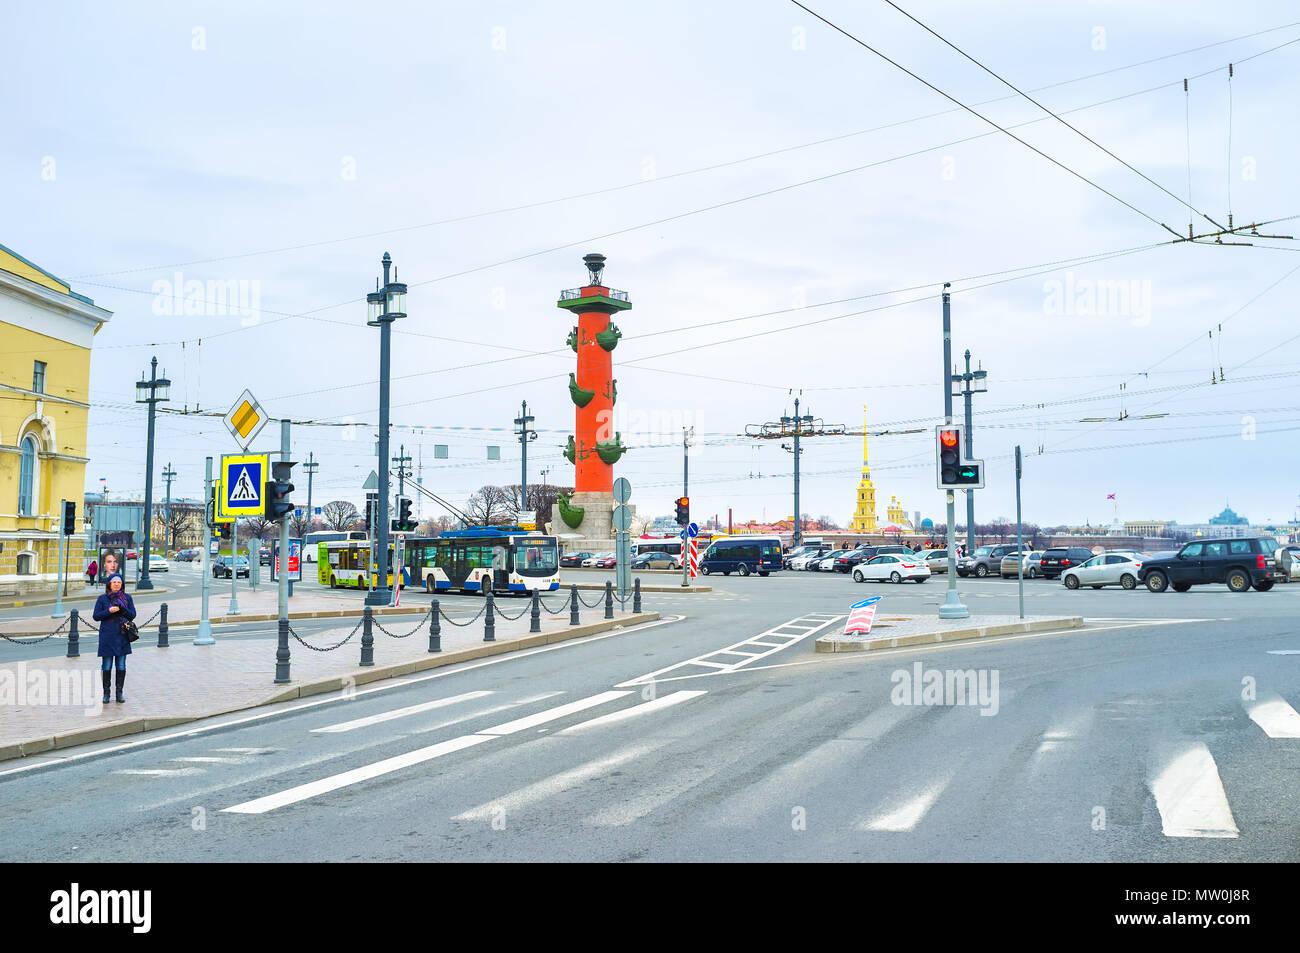 SAINT PETERSBURG, Russie - le 26 avril 2015: le paysage urbain du carrefour sur l''île Vassilievski, le 26 avril à S. Petersburg Banque D'Images